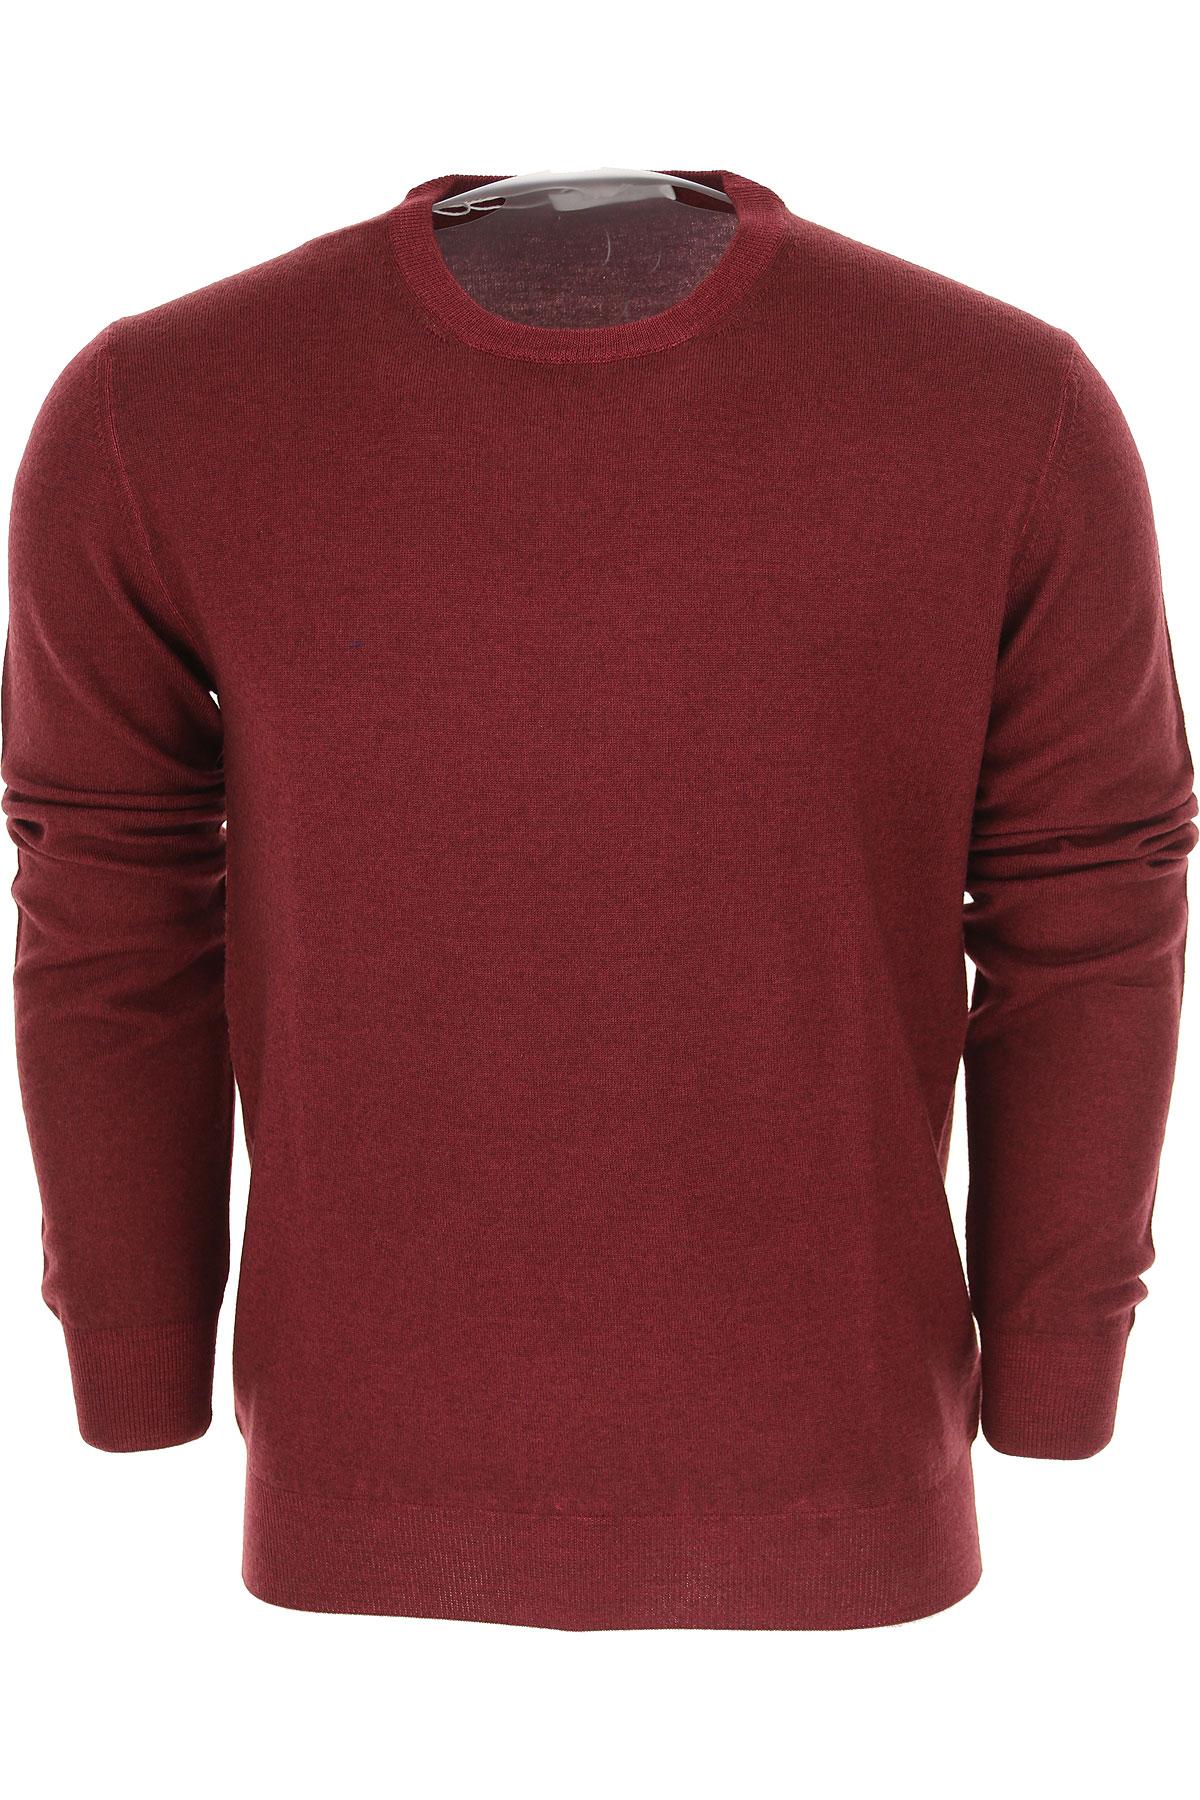 Image of Cruciani Sweater for Men Jumper, Bordeaux, Wool, 2017, L M S XL XXL XXXL